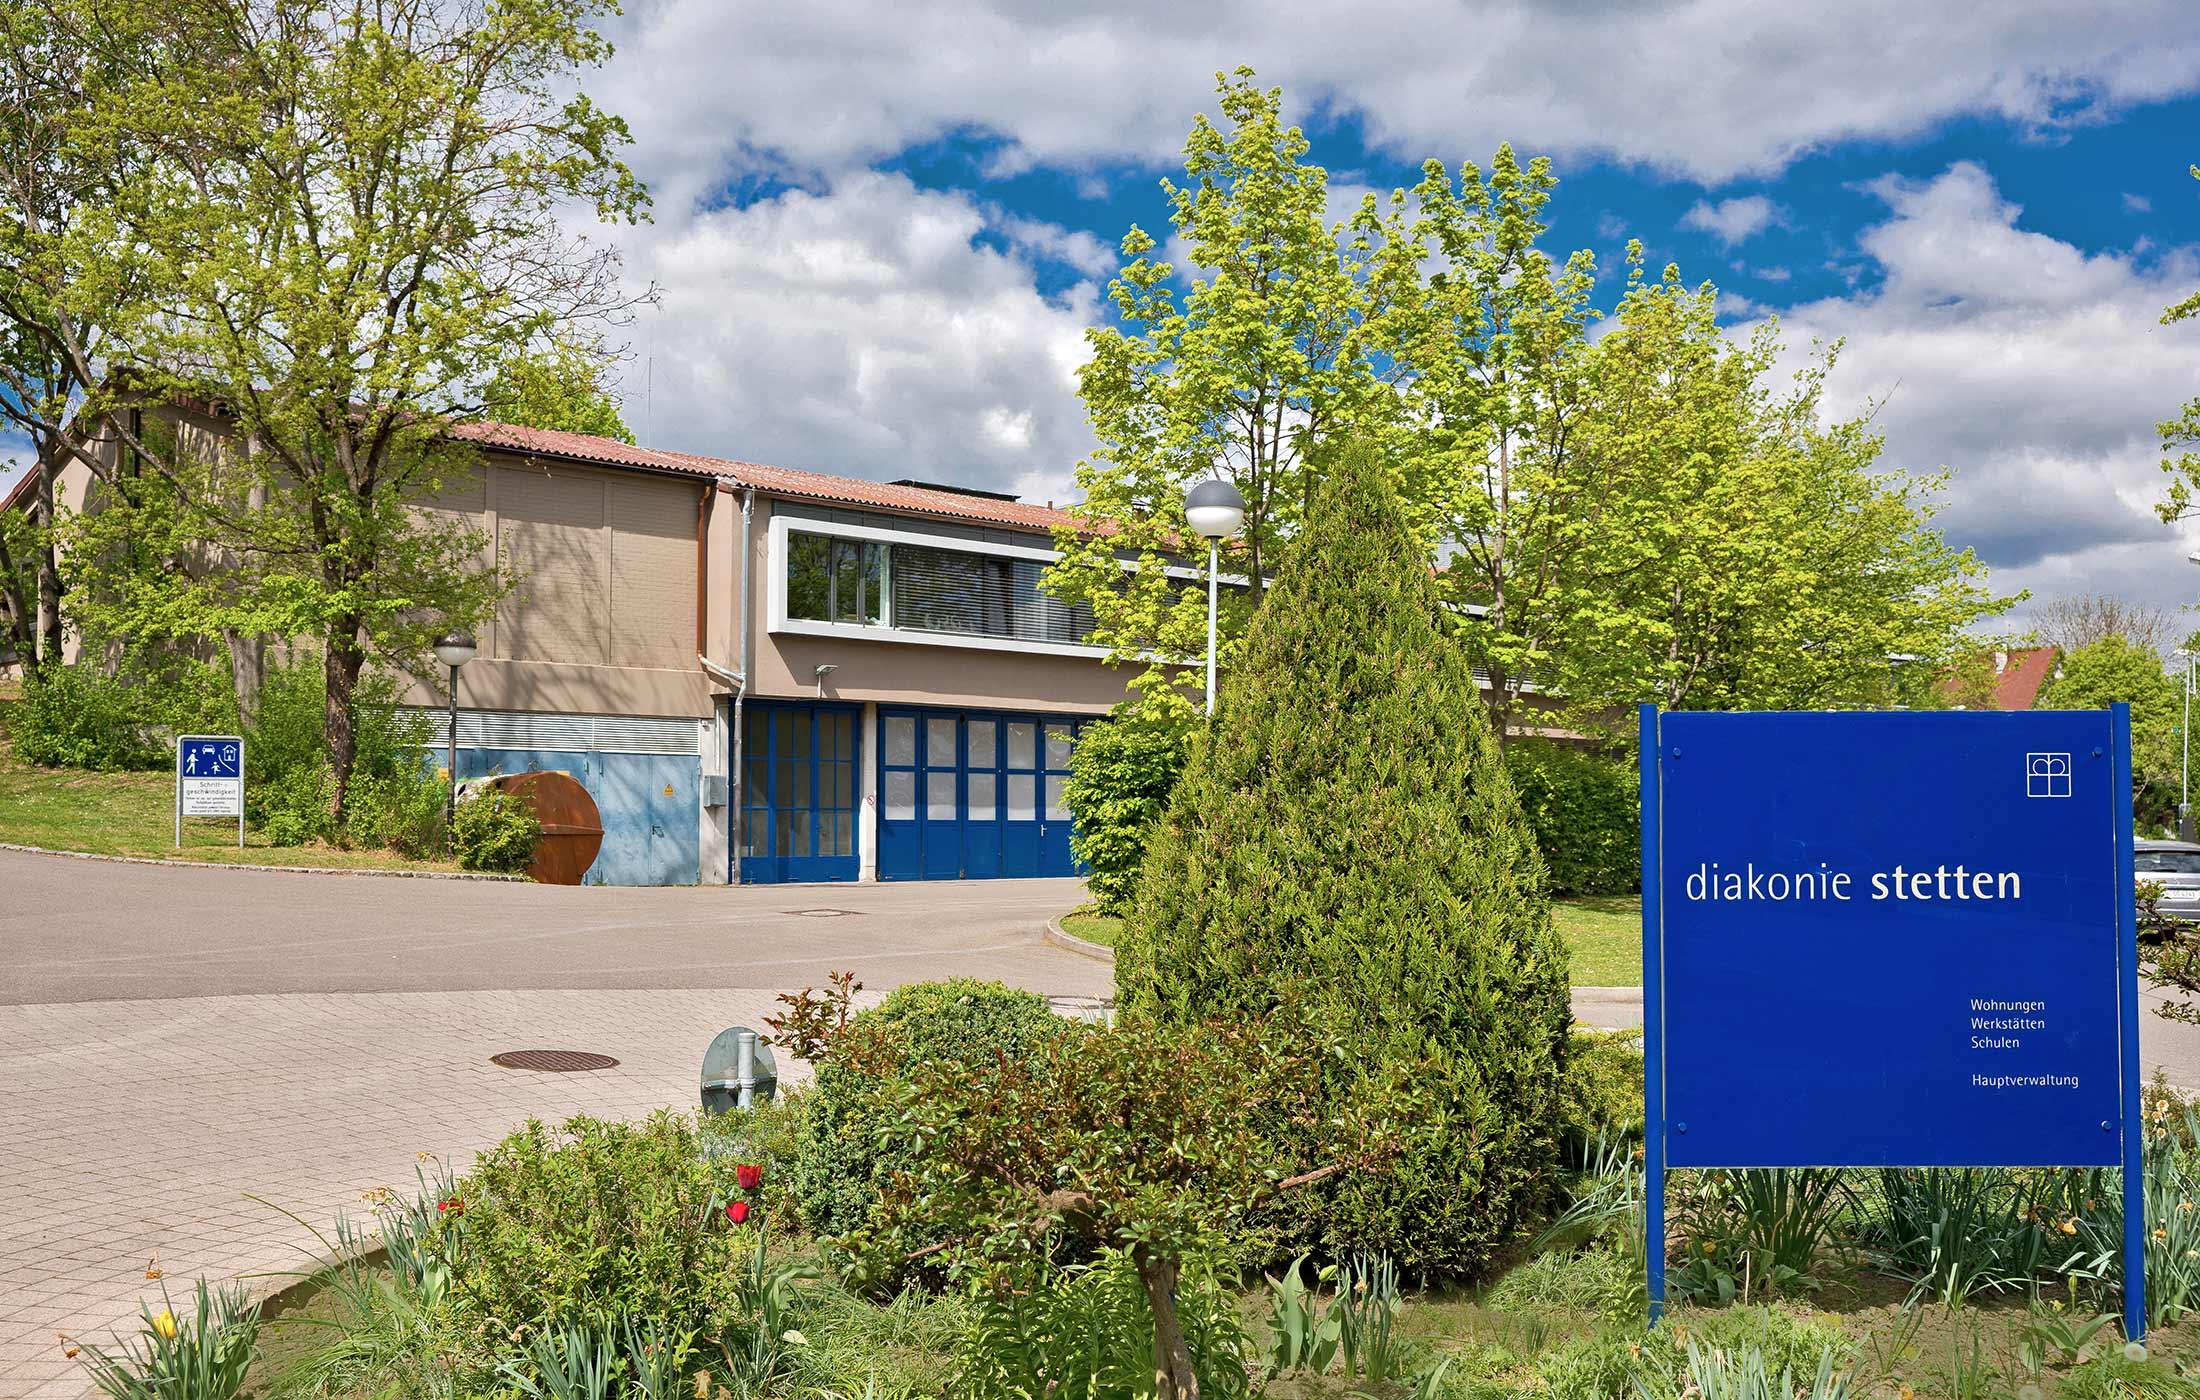 2013, Umbau Schreinerei Diakonie Stetten